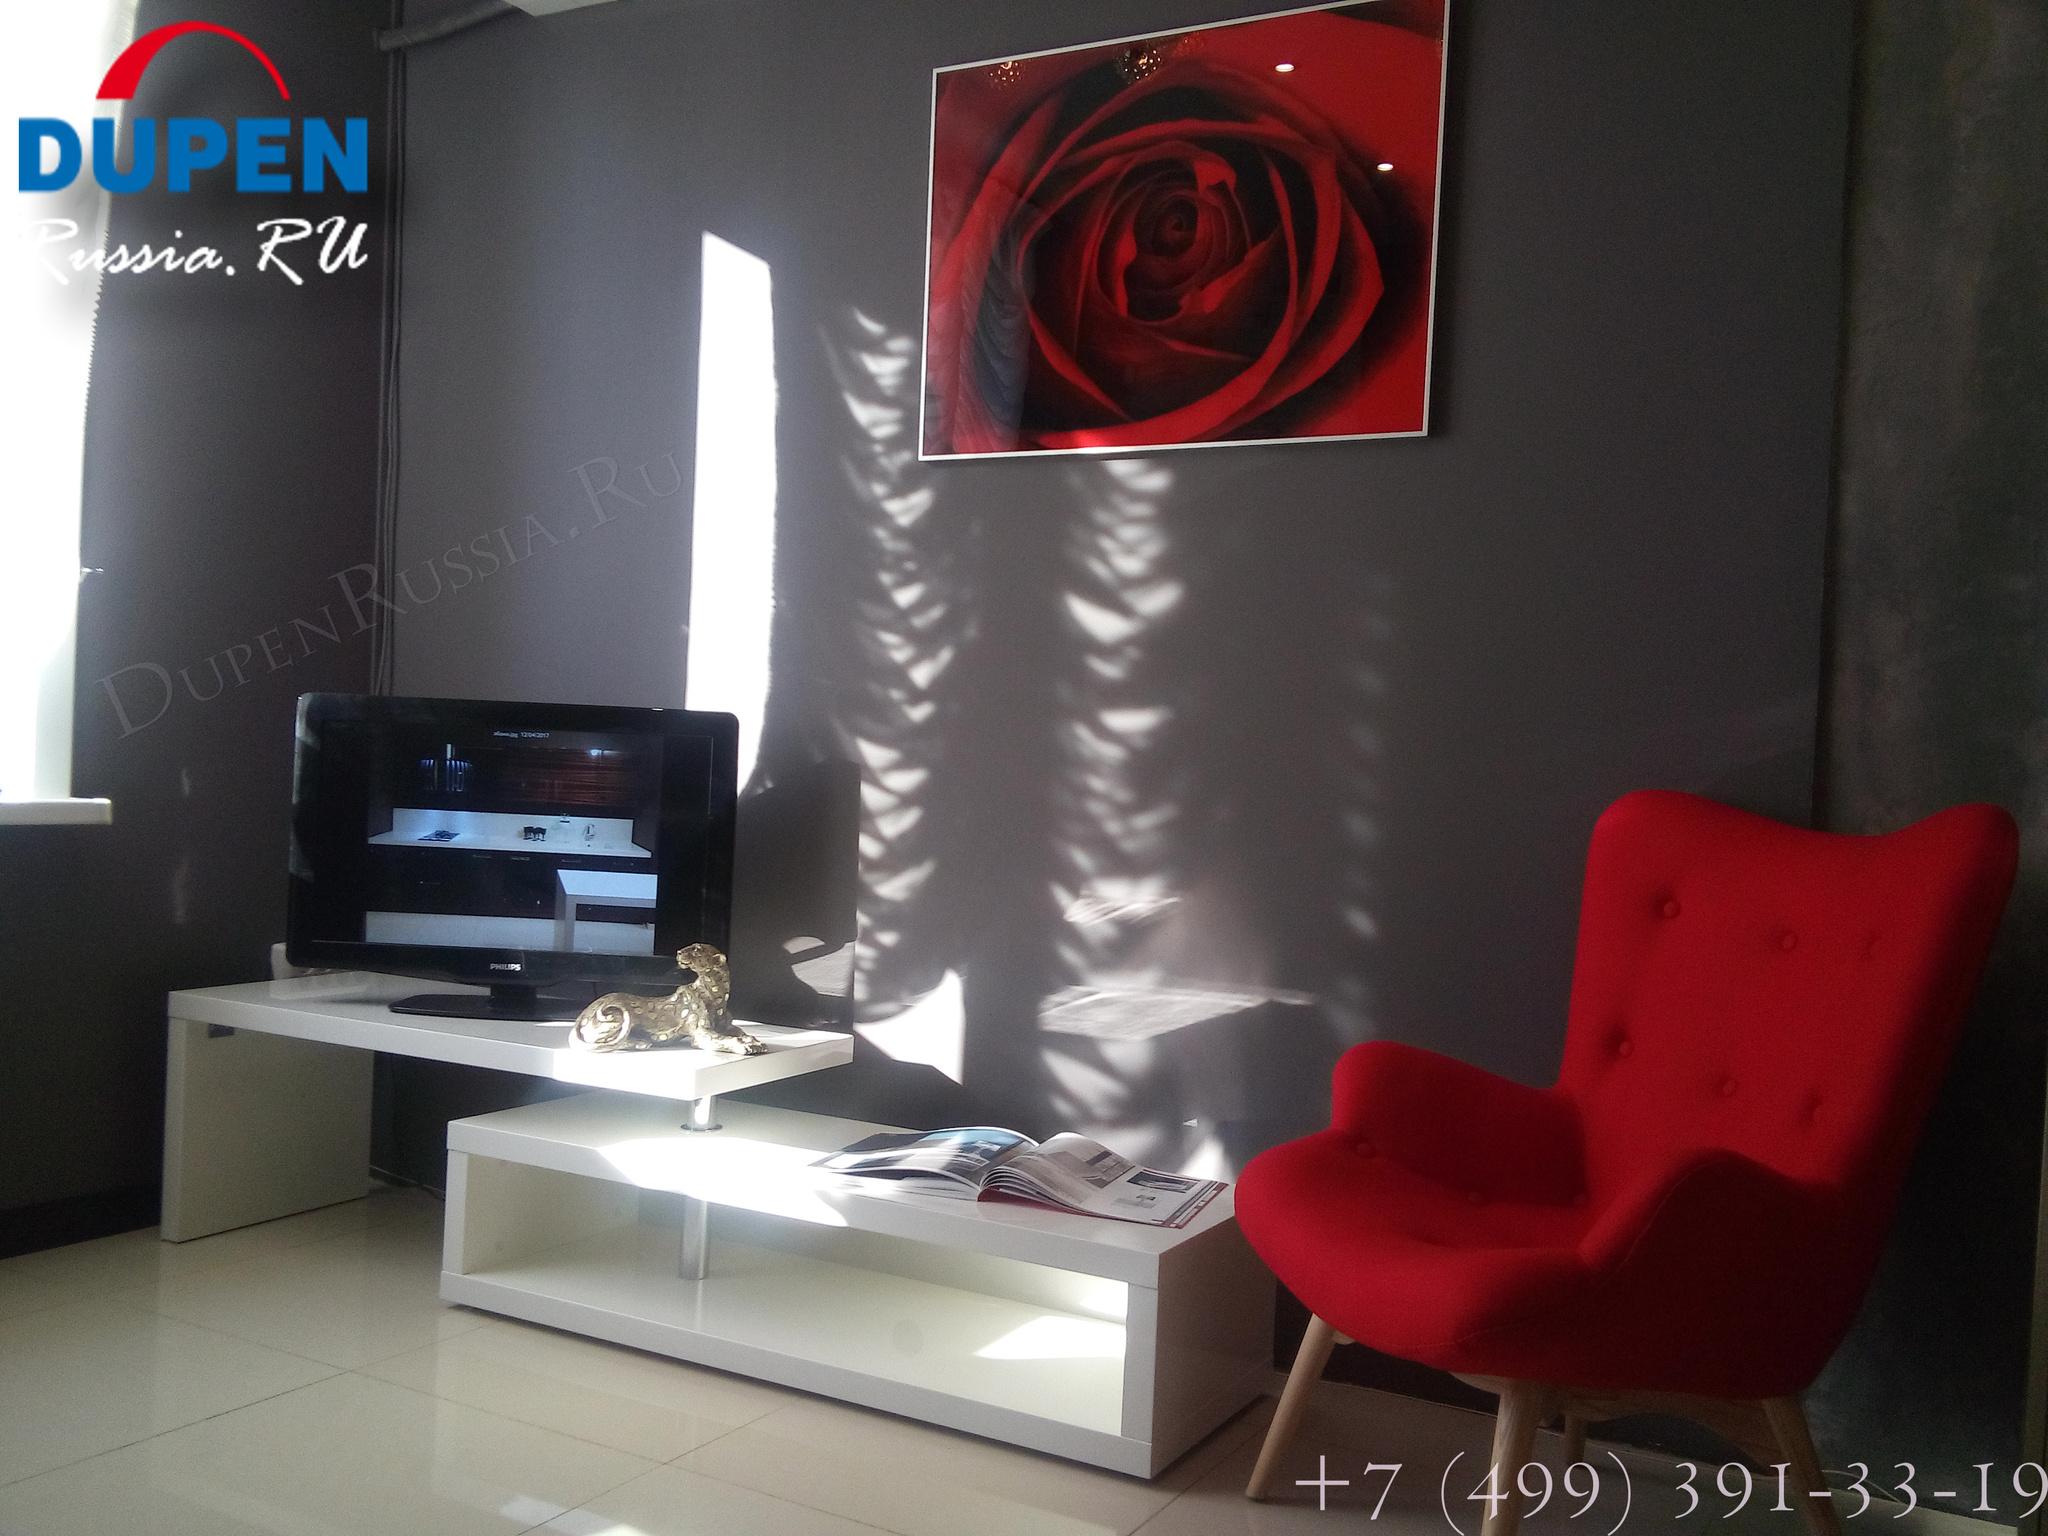 Кресло DC917 red-красное и Тумба DUPEN (Дюпен) TV 600